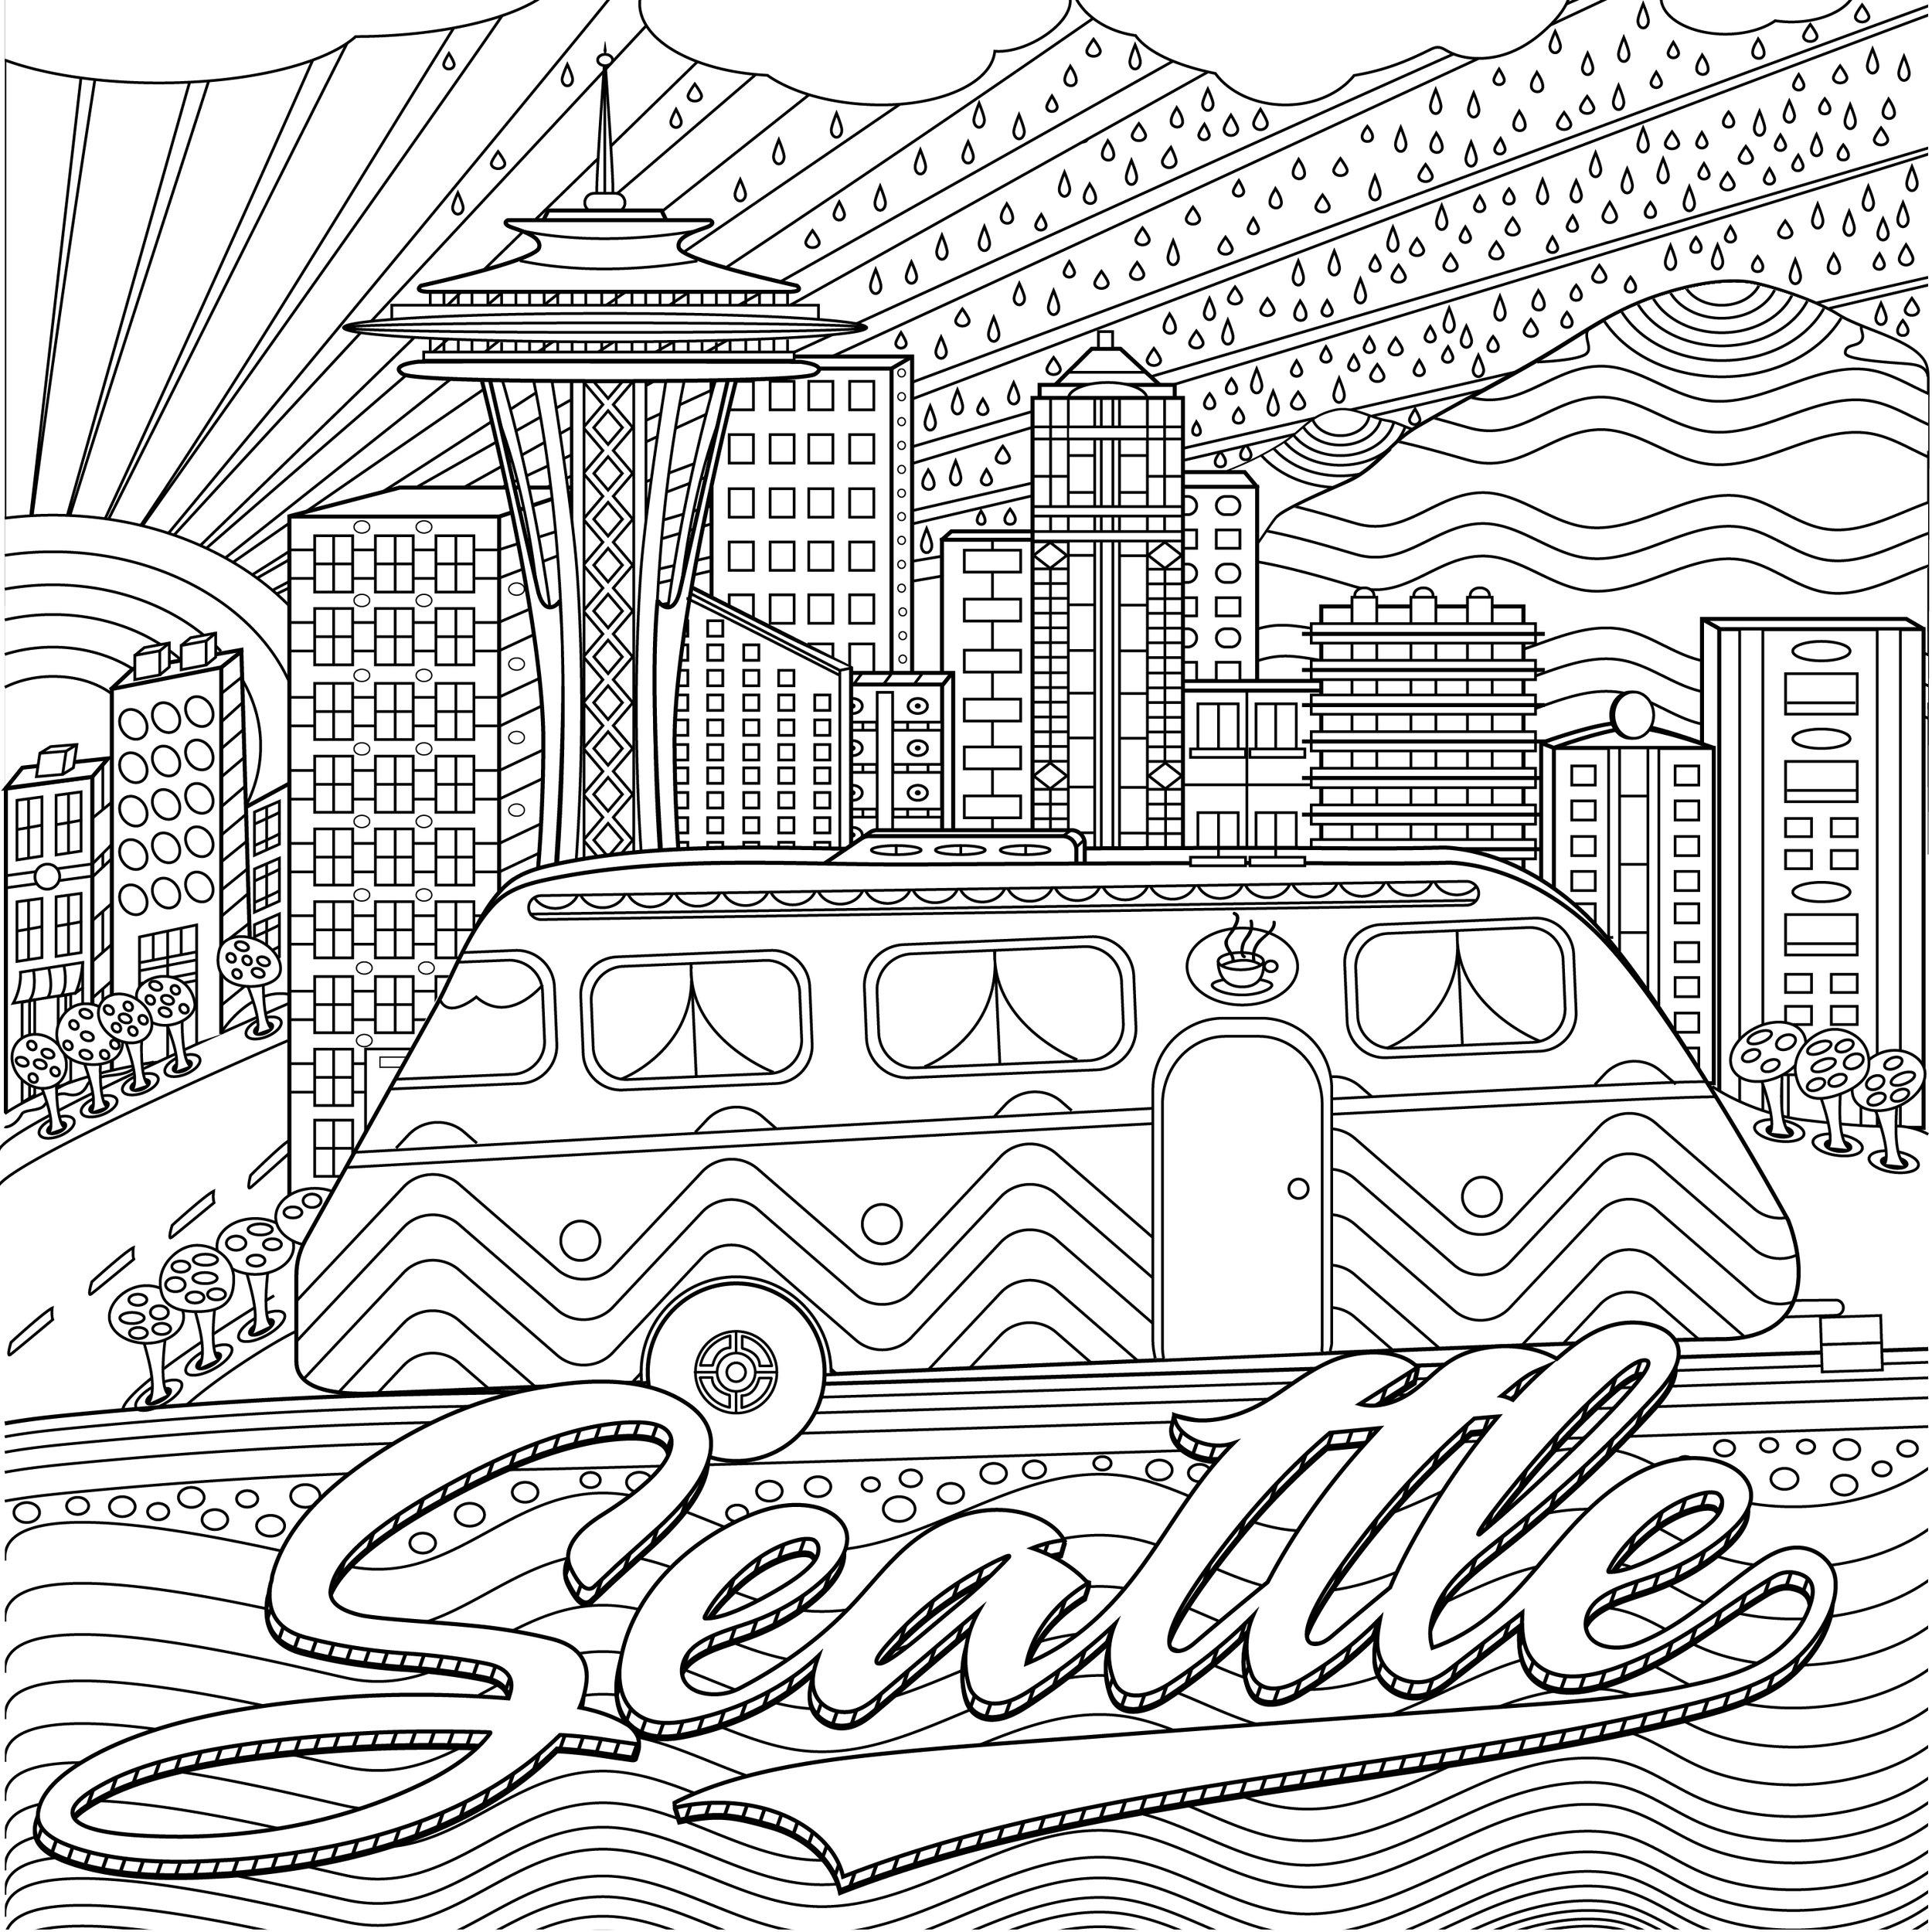 29 SEATTLE 052316-01.jpg